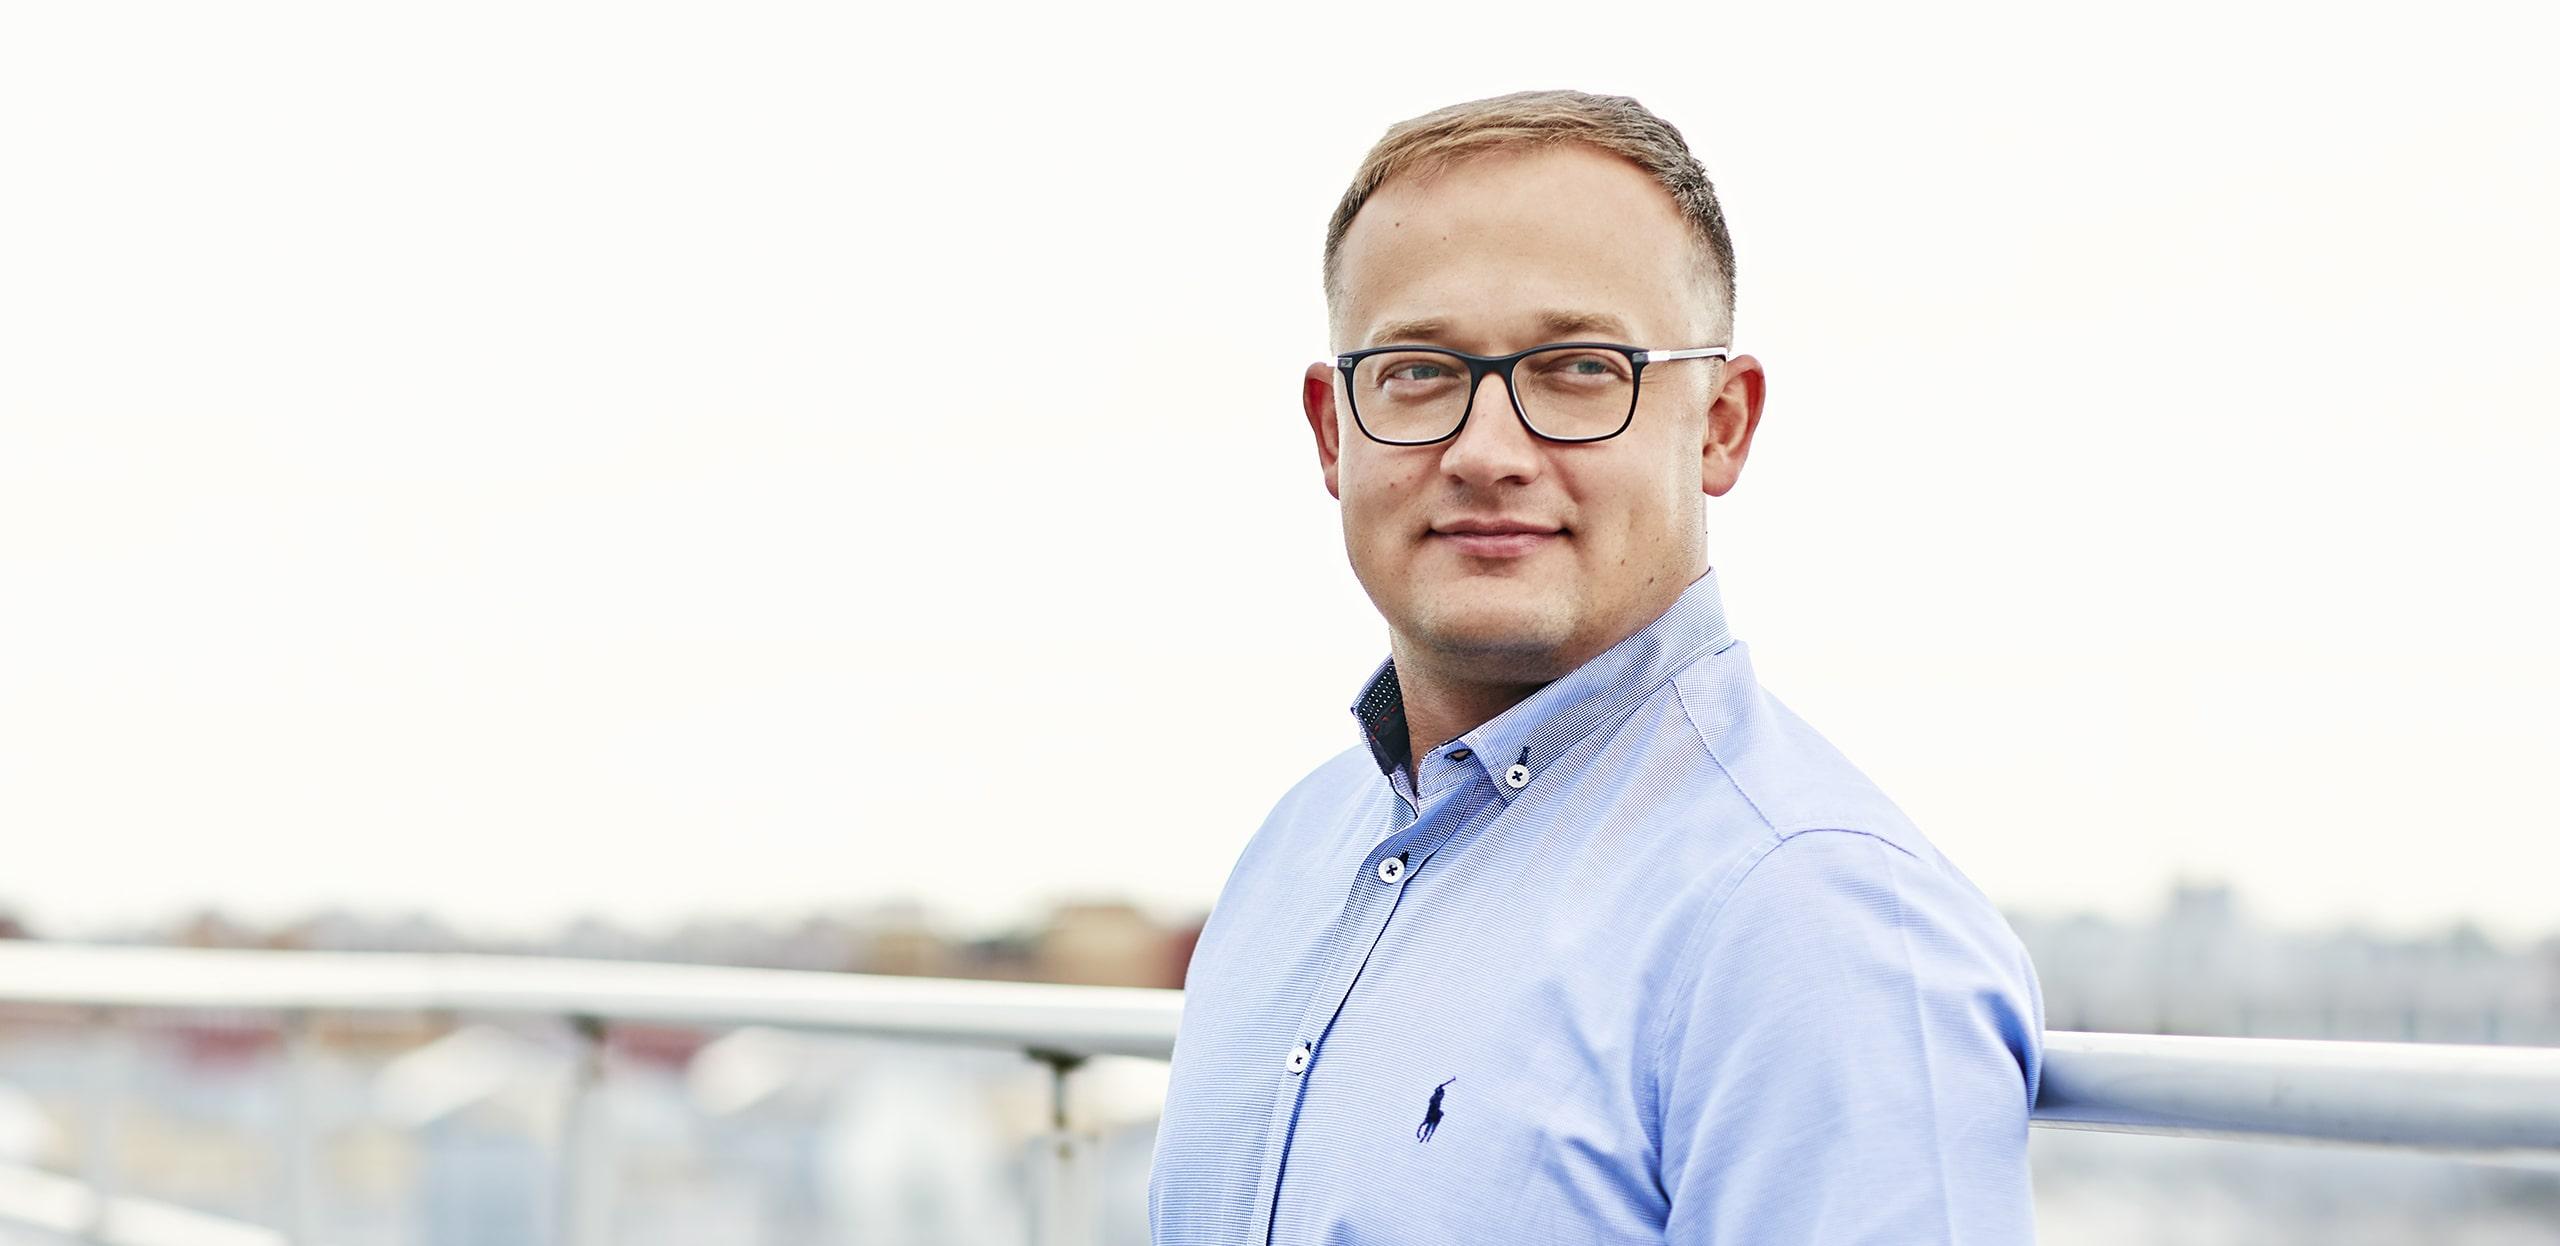 Антон Федчин: «Основное направление на этот год — работа с контентом»